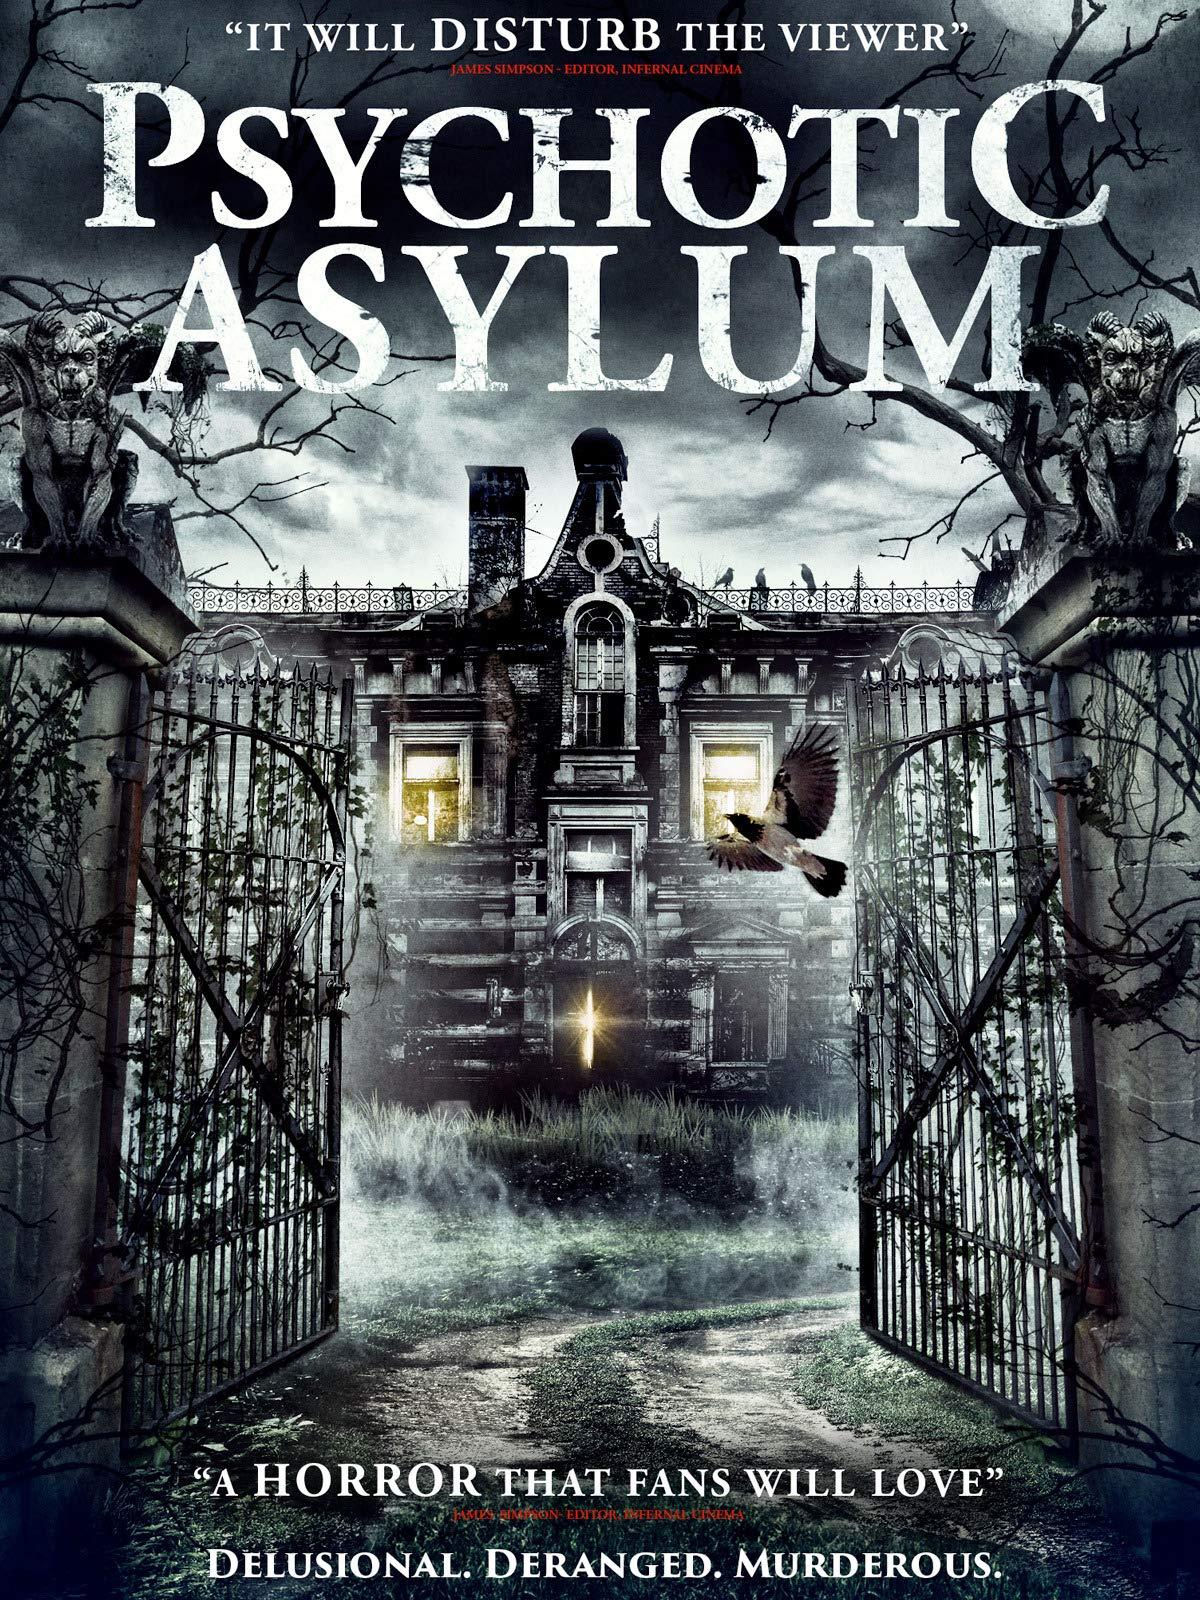 Psychotic Asylum